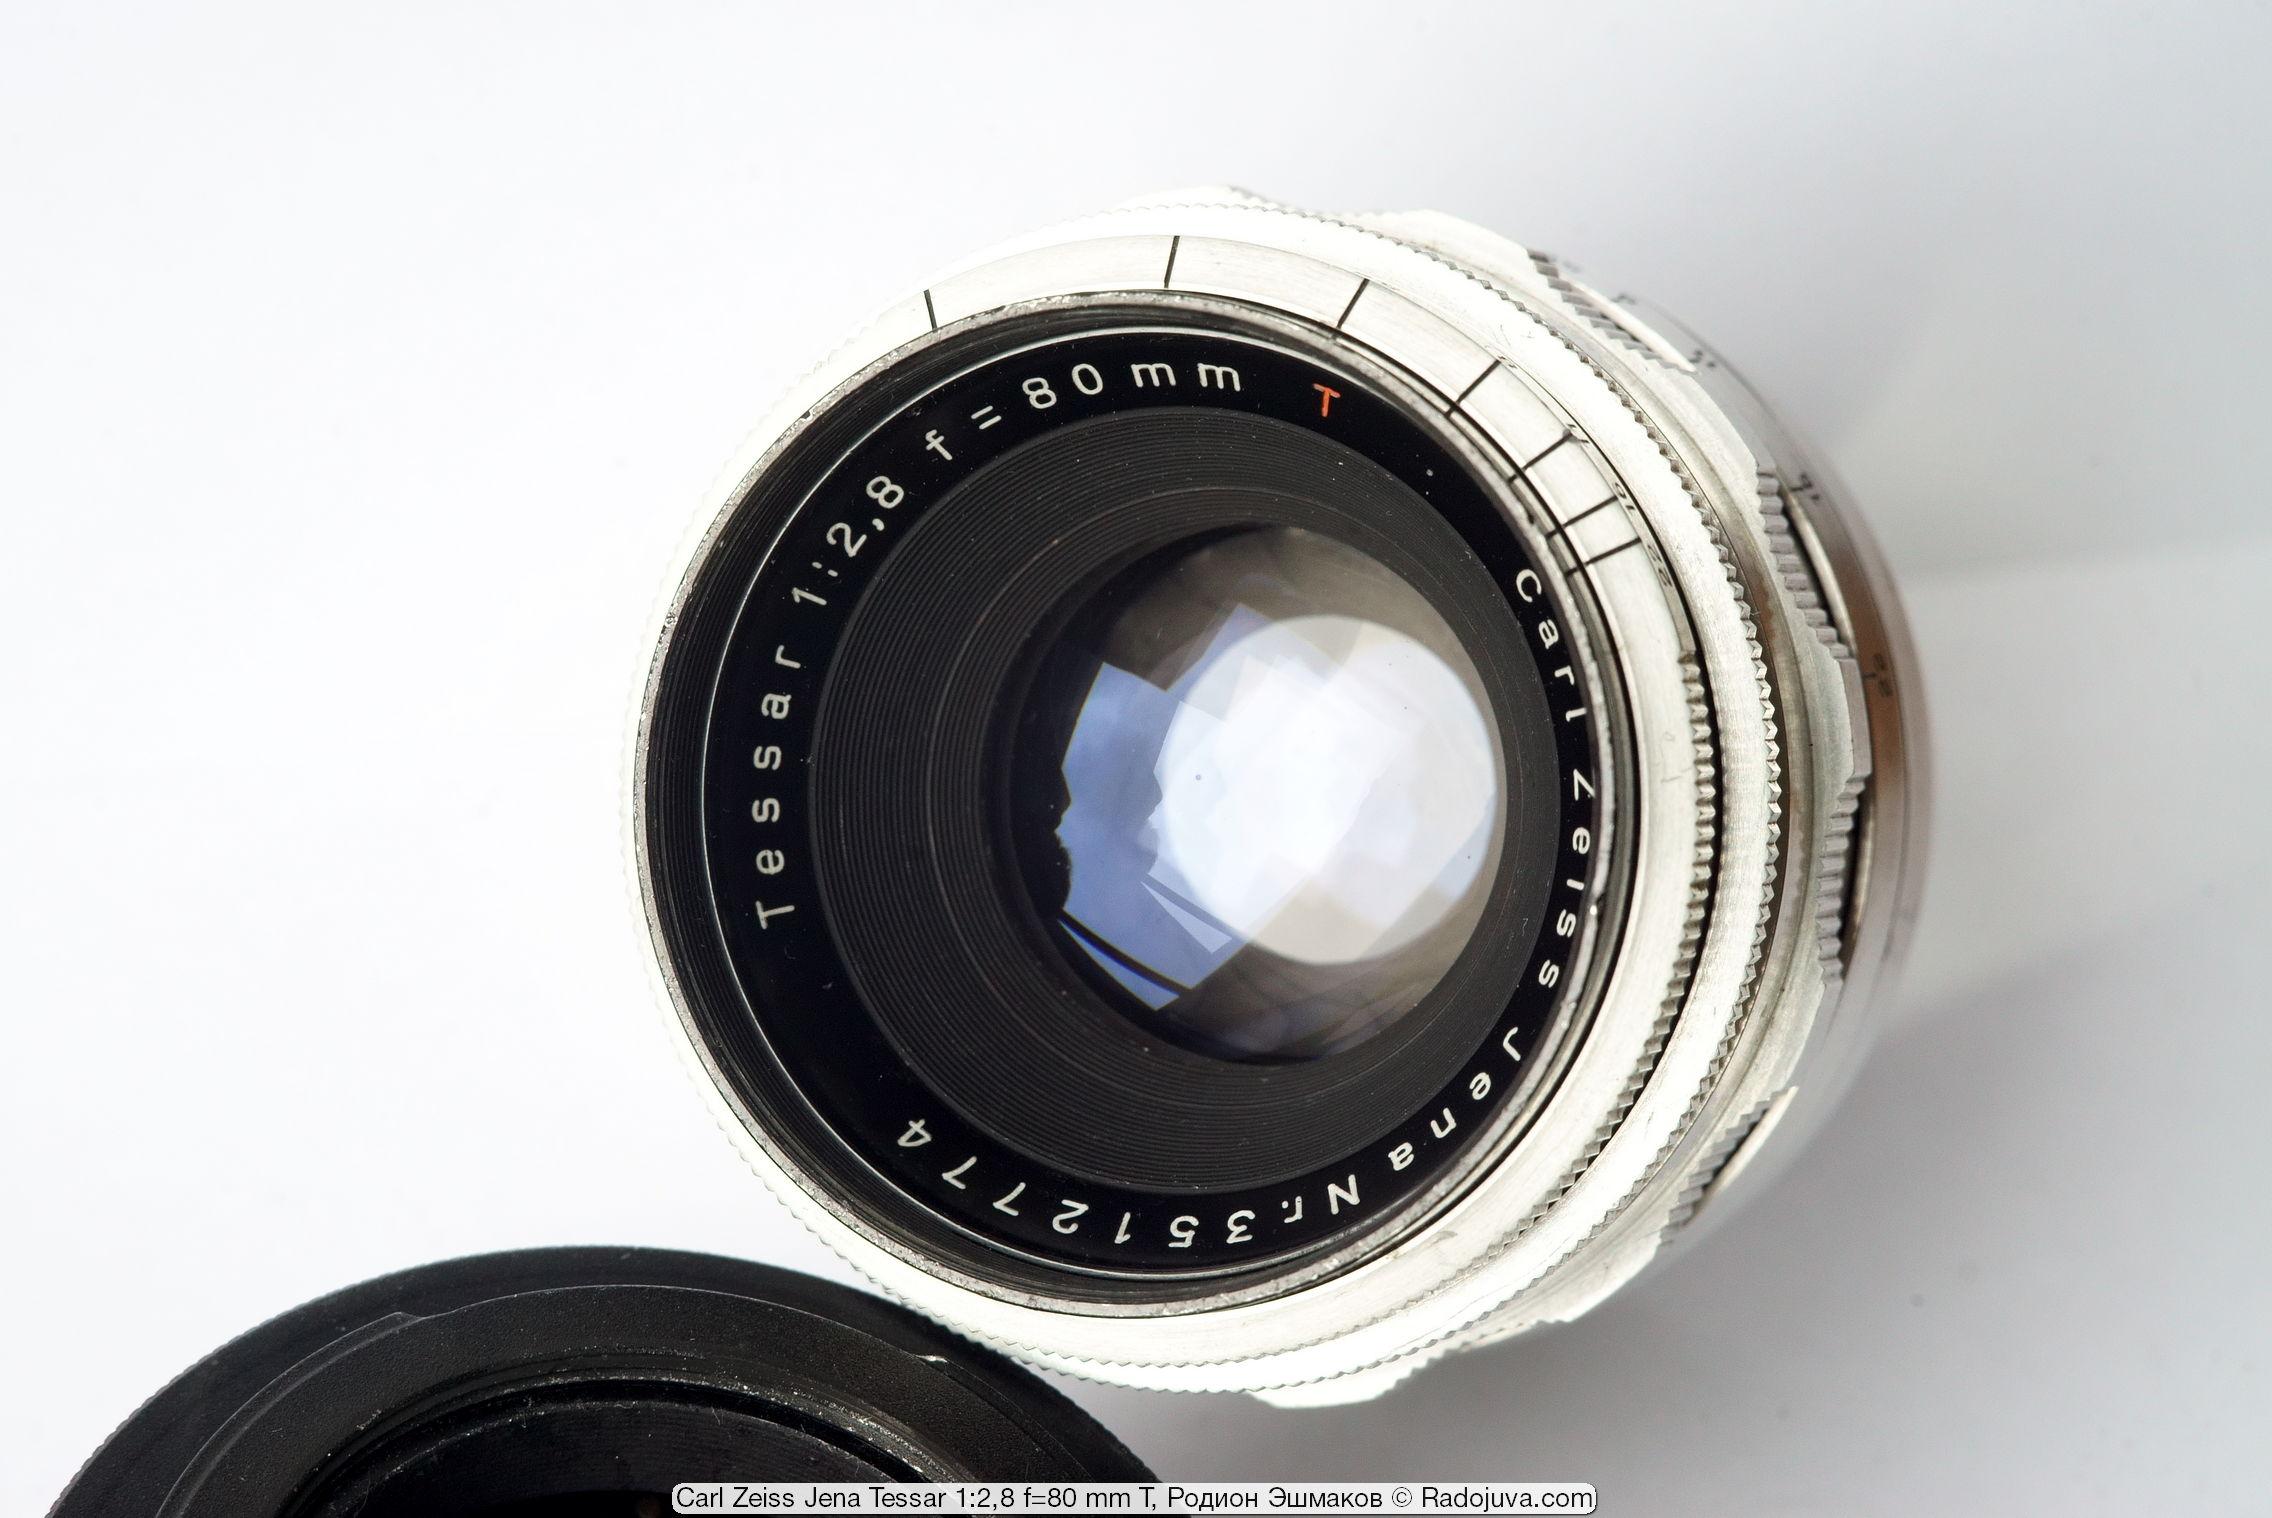 Многолепестковая диафрагма обеспечивает идеально круглую форму зрачка объектива при любых относительных отверстиях.